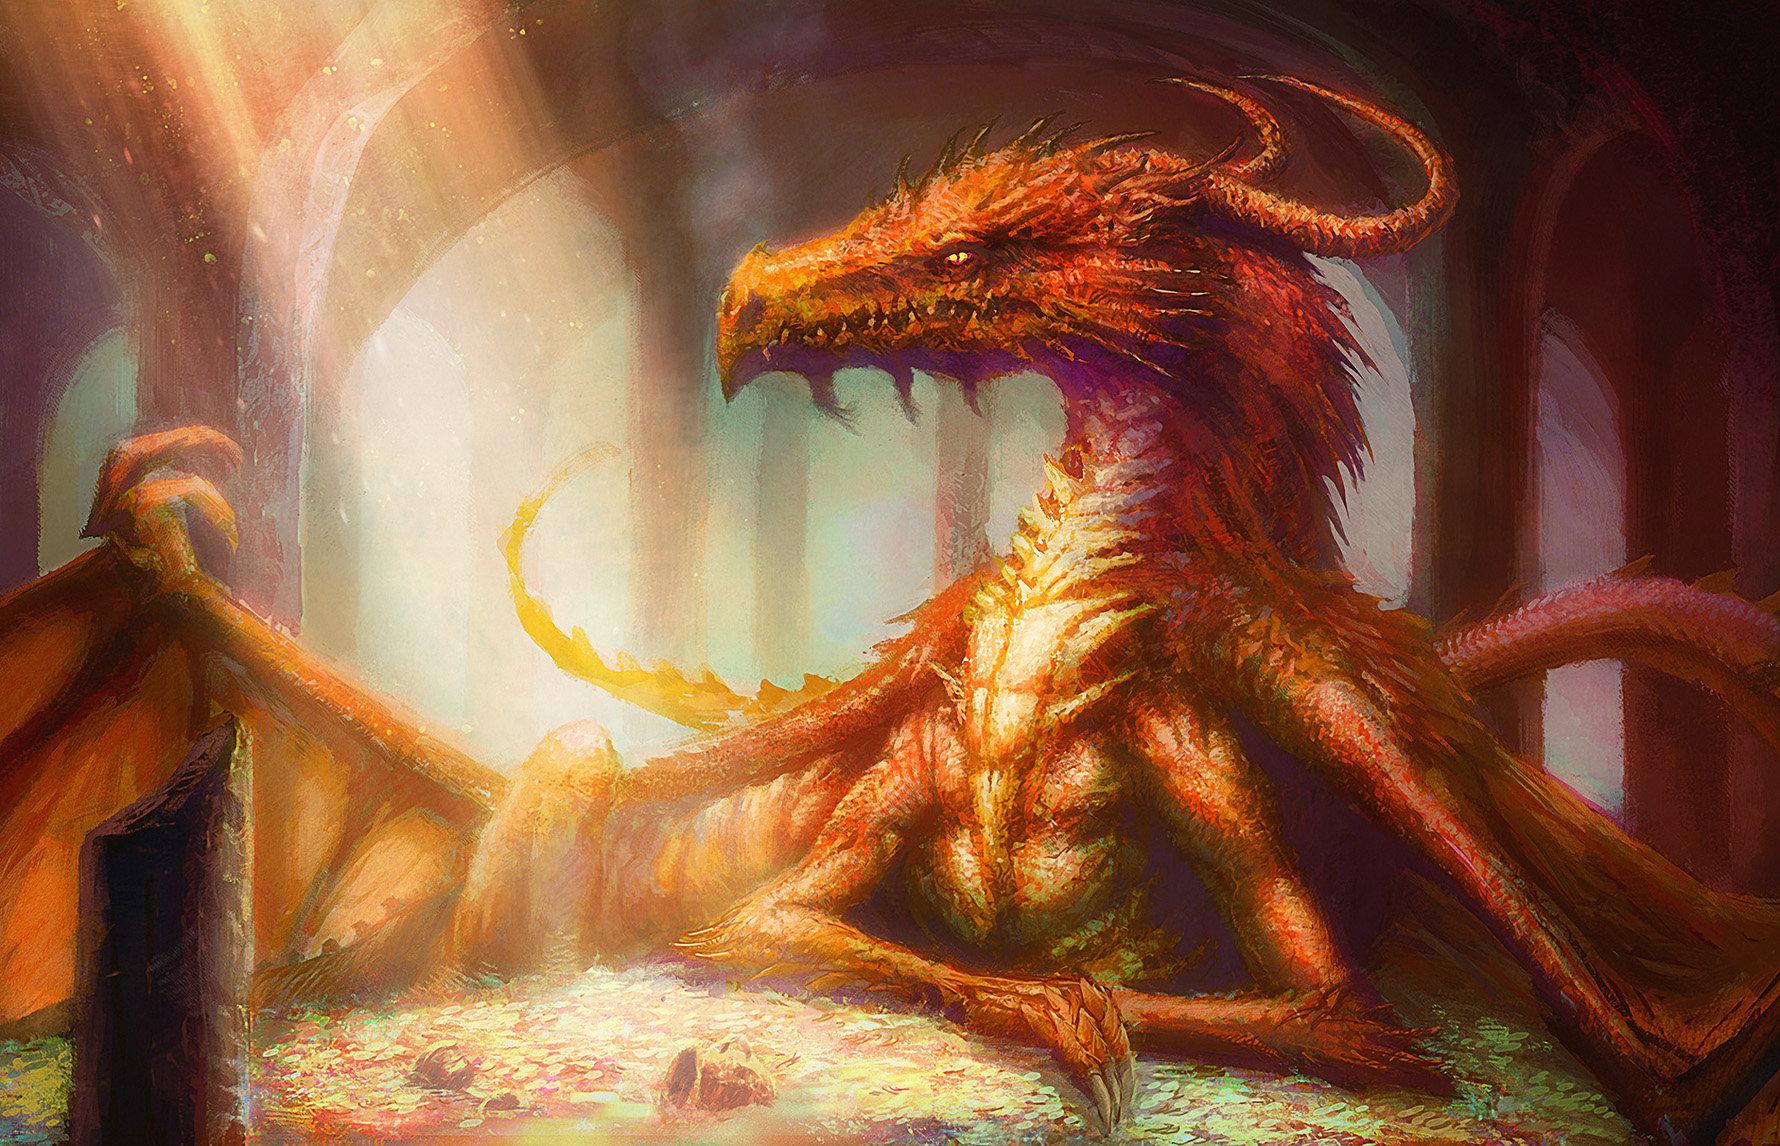 Harmincöt éves korára egy rendes sárkány... (Rajz: David Demaret)